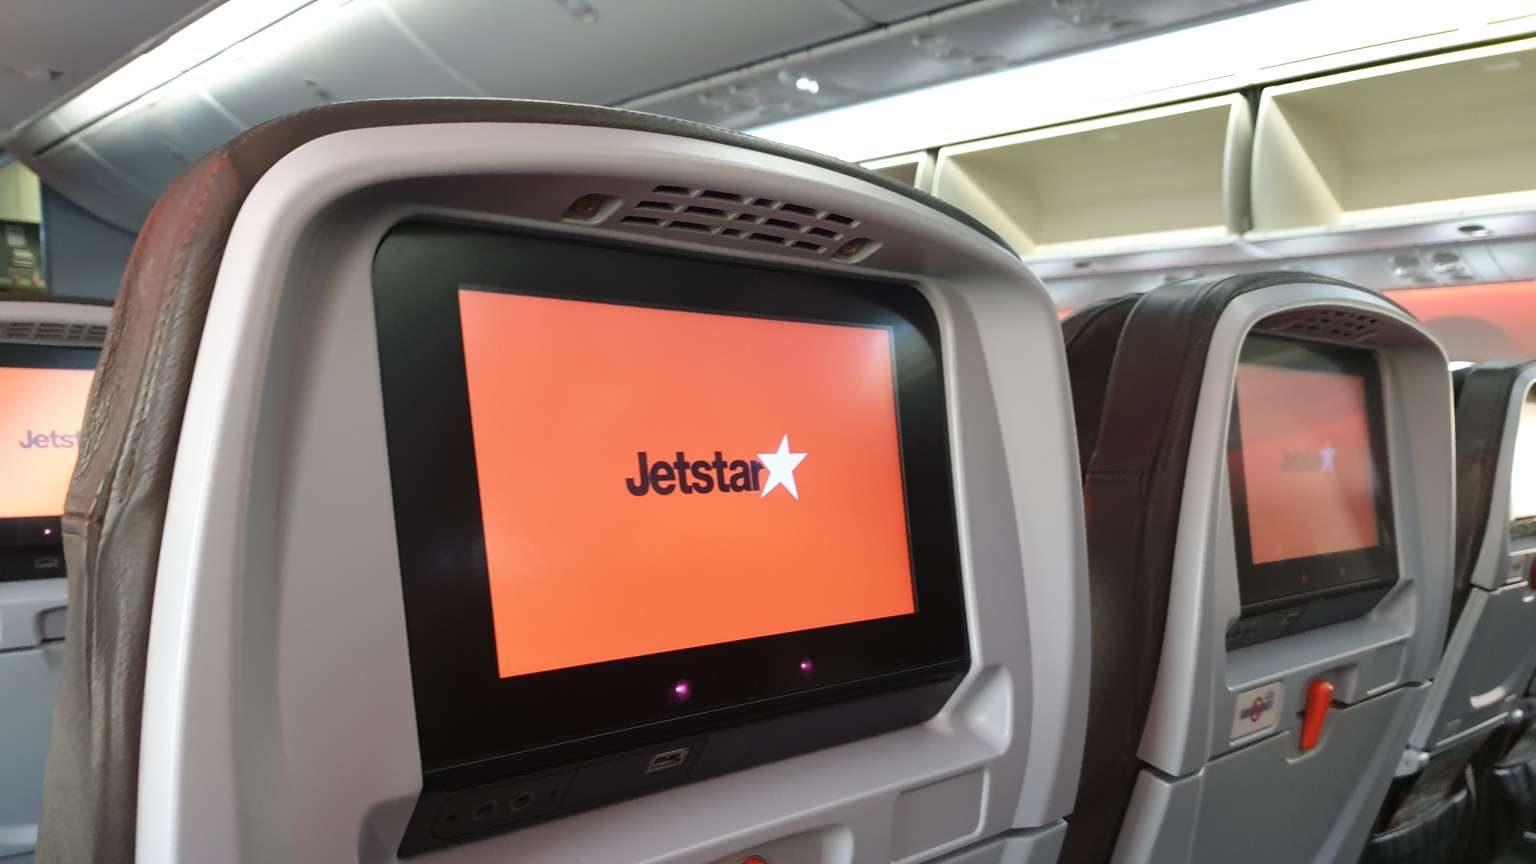 Jetstar seats on a 787